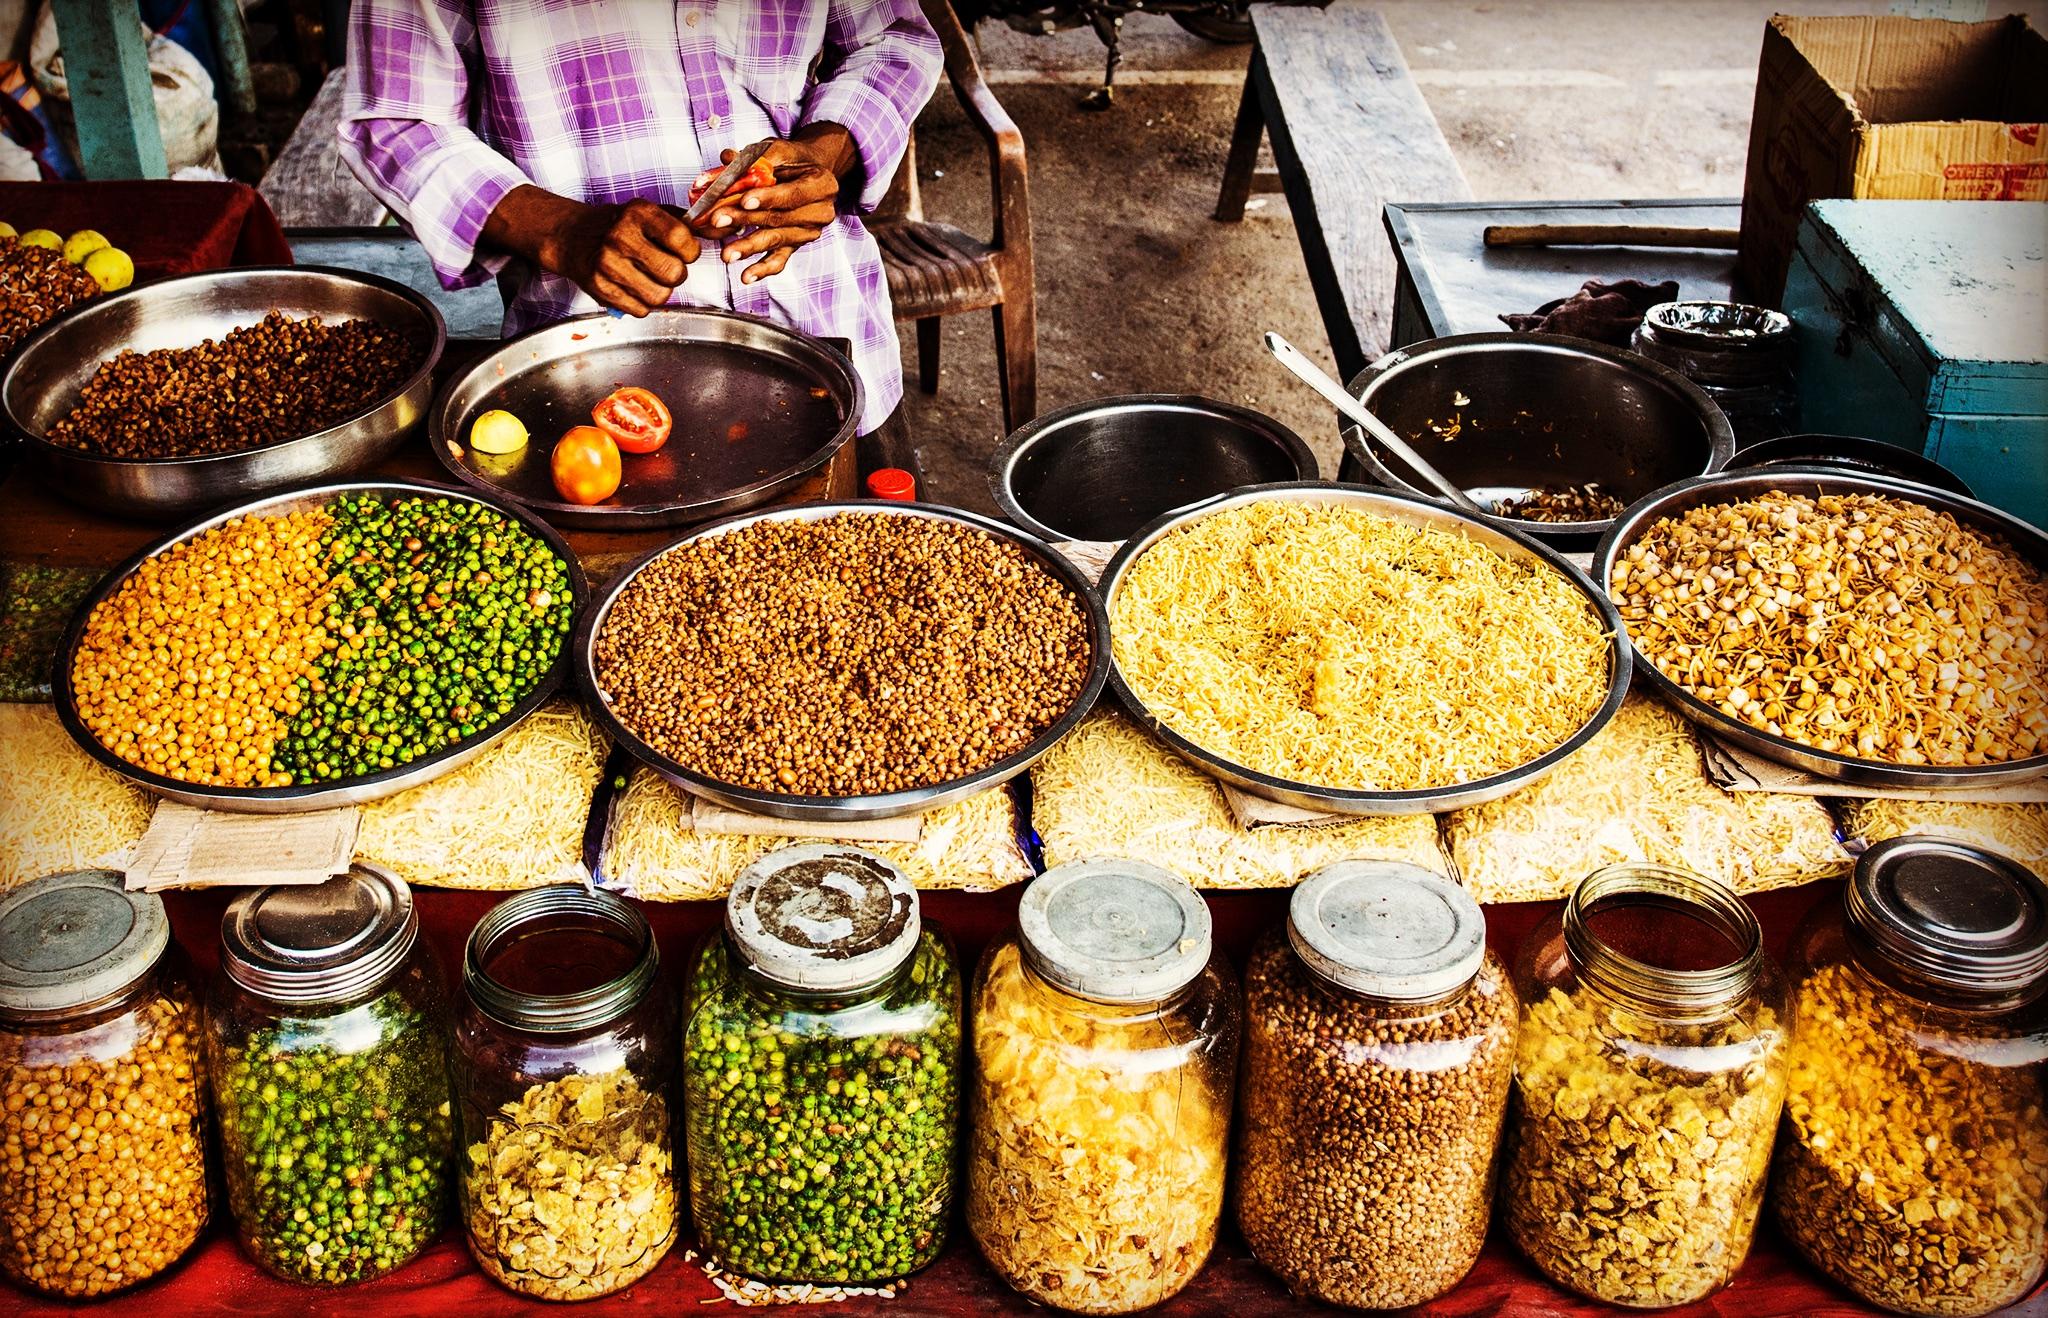 Copy of A street snack vendor